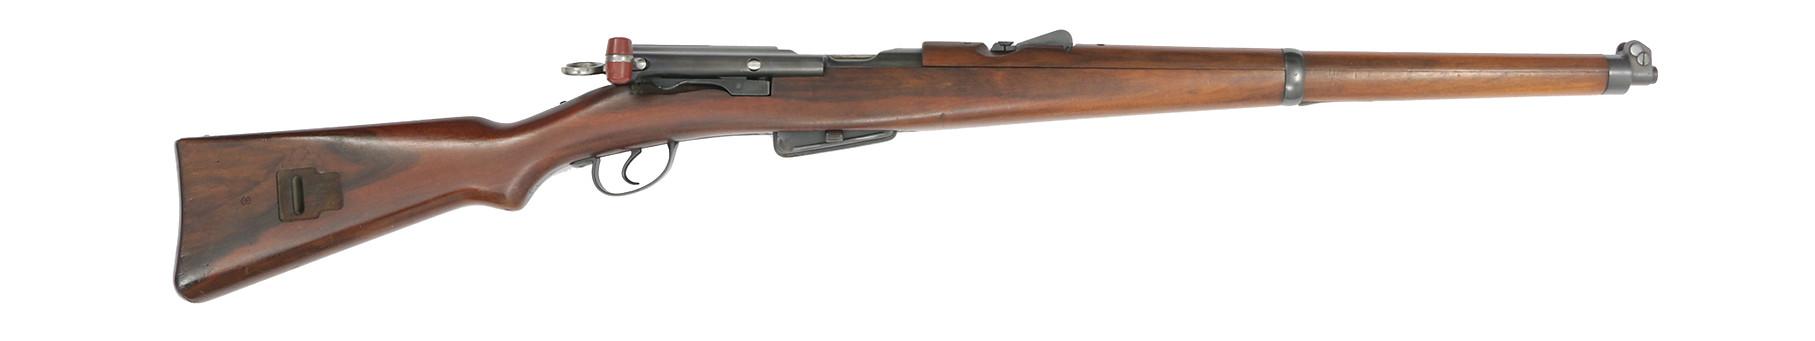 1952001.jpg